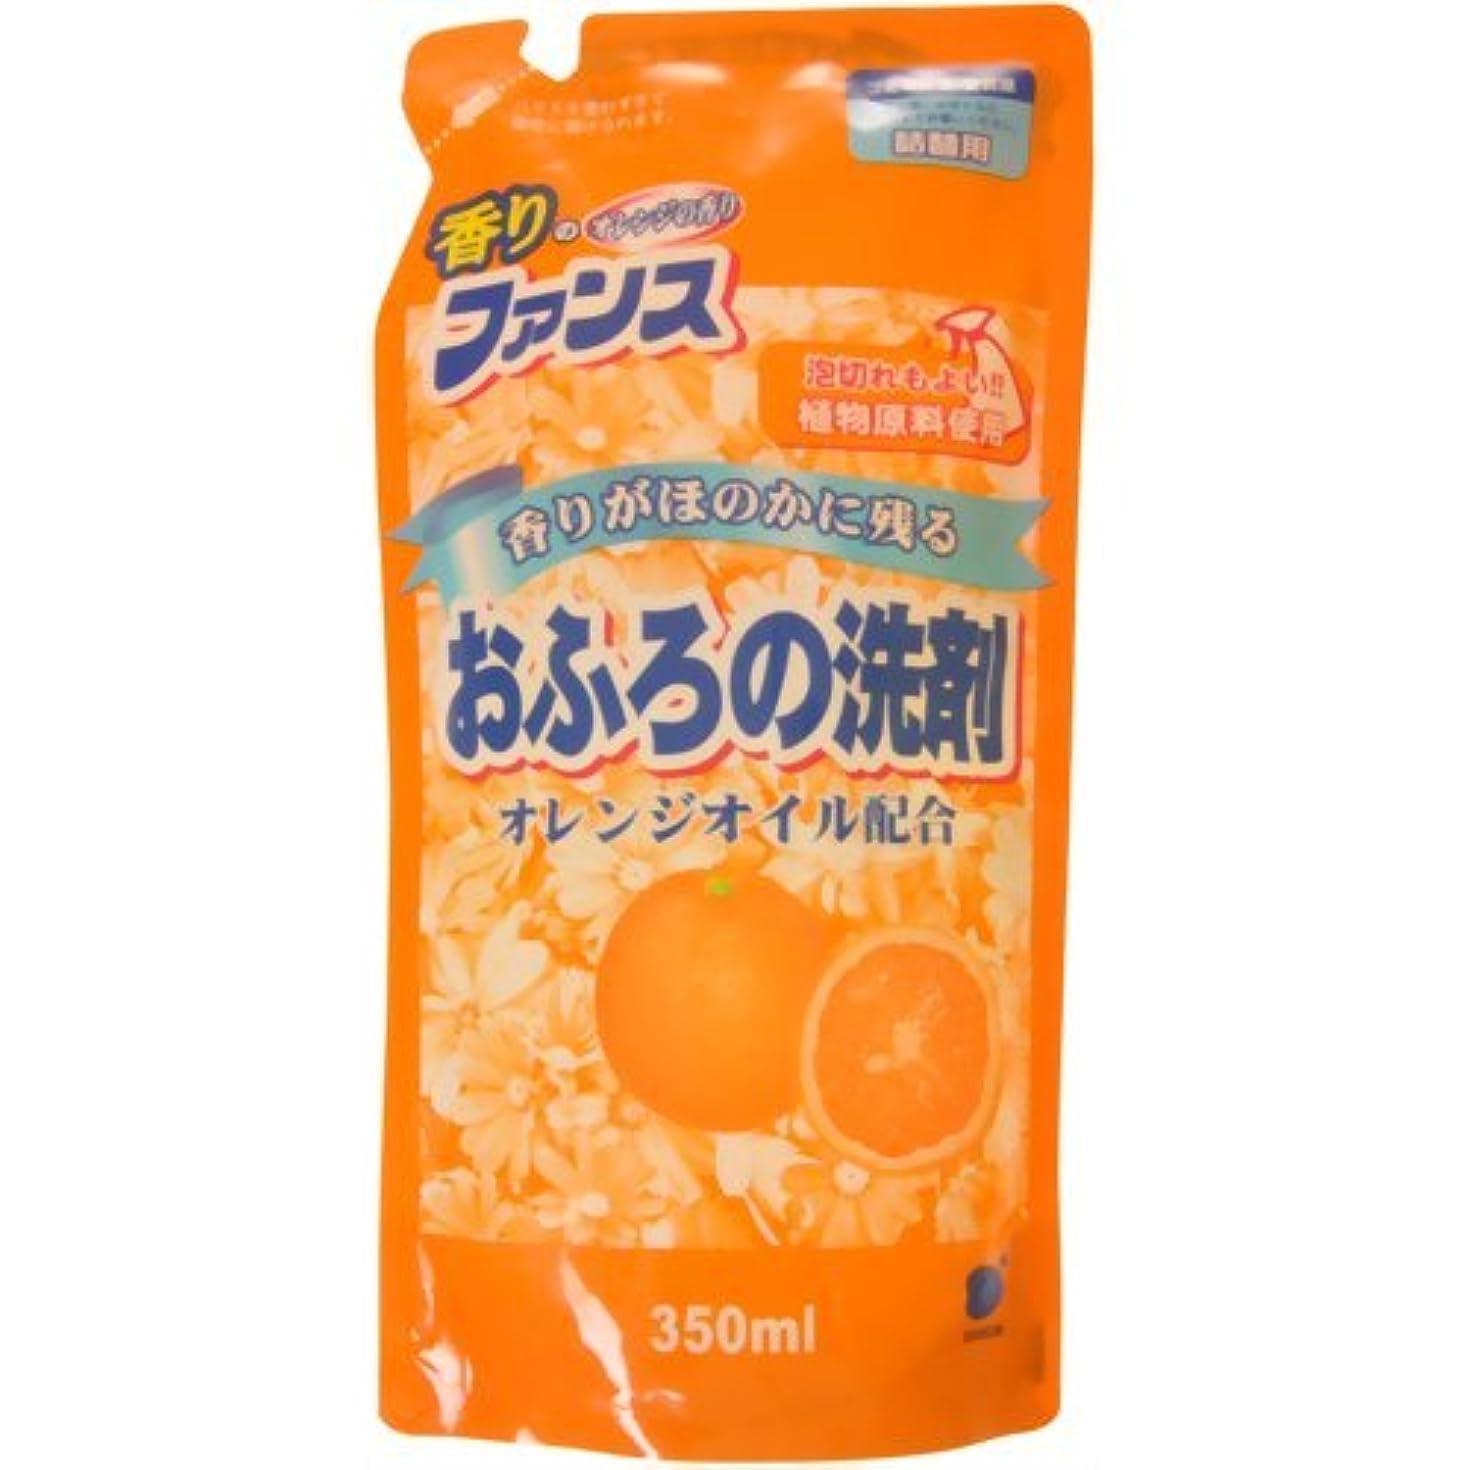 パドル個人的な細胞香りのファンス おふろの洗剤 オレンジ つめかえ用 350ml